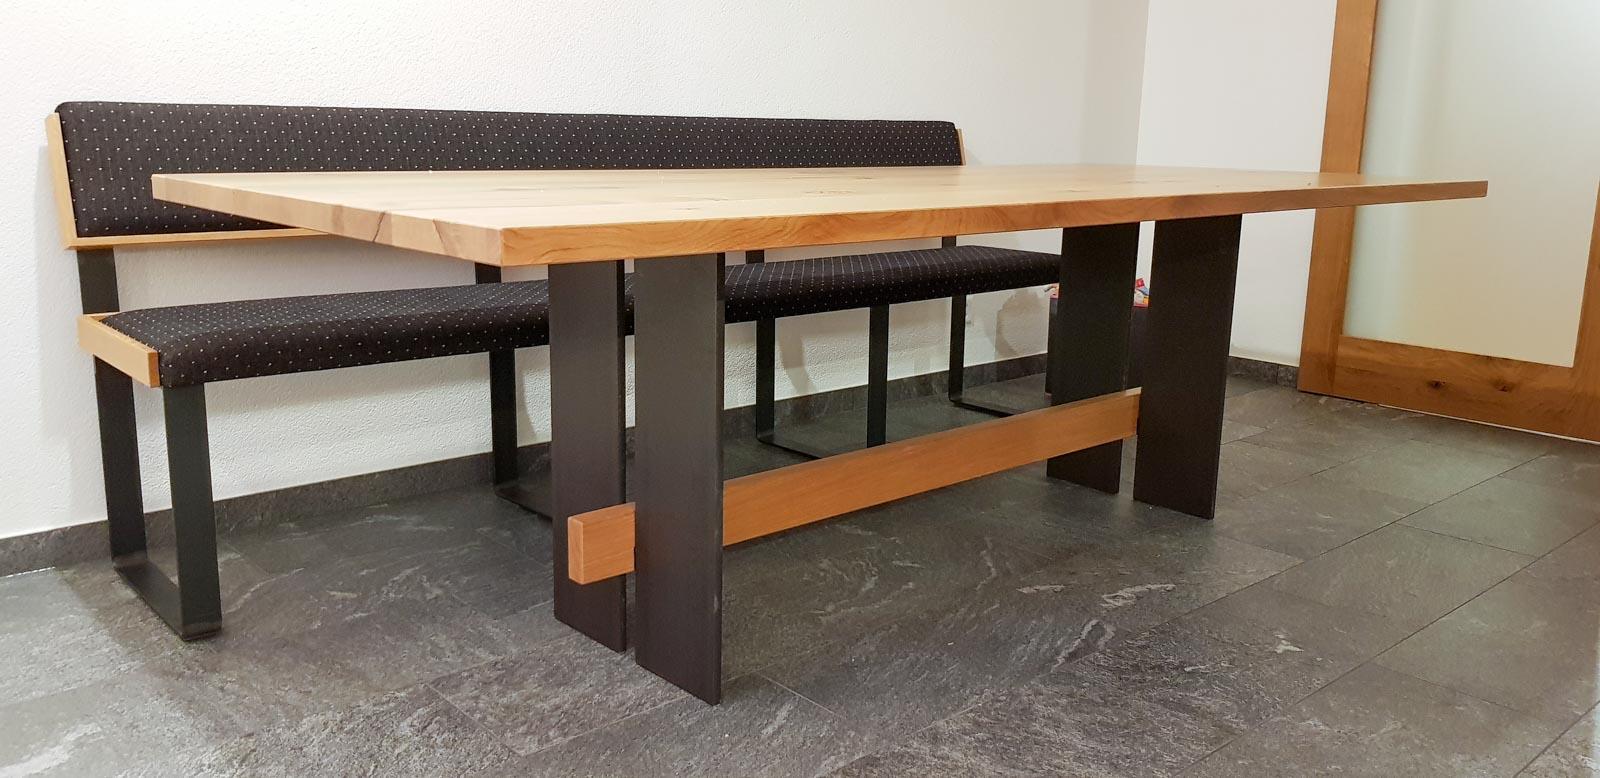 Wooddesign_Tisch_Sitsbank mit Polster_Eische massiv_Beine innen_Schwarzstahl (13)